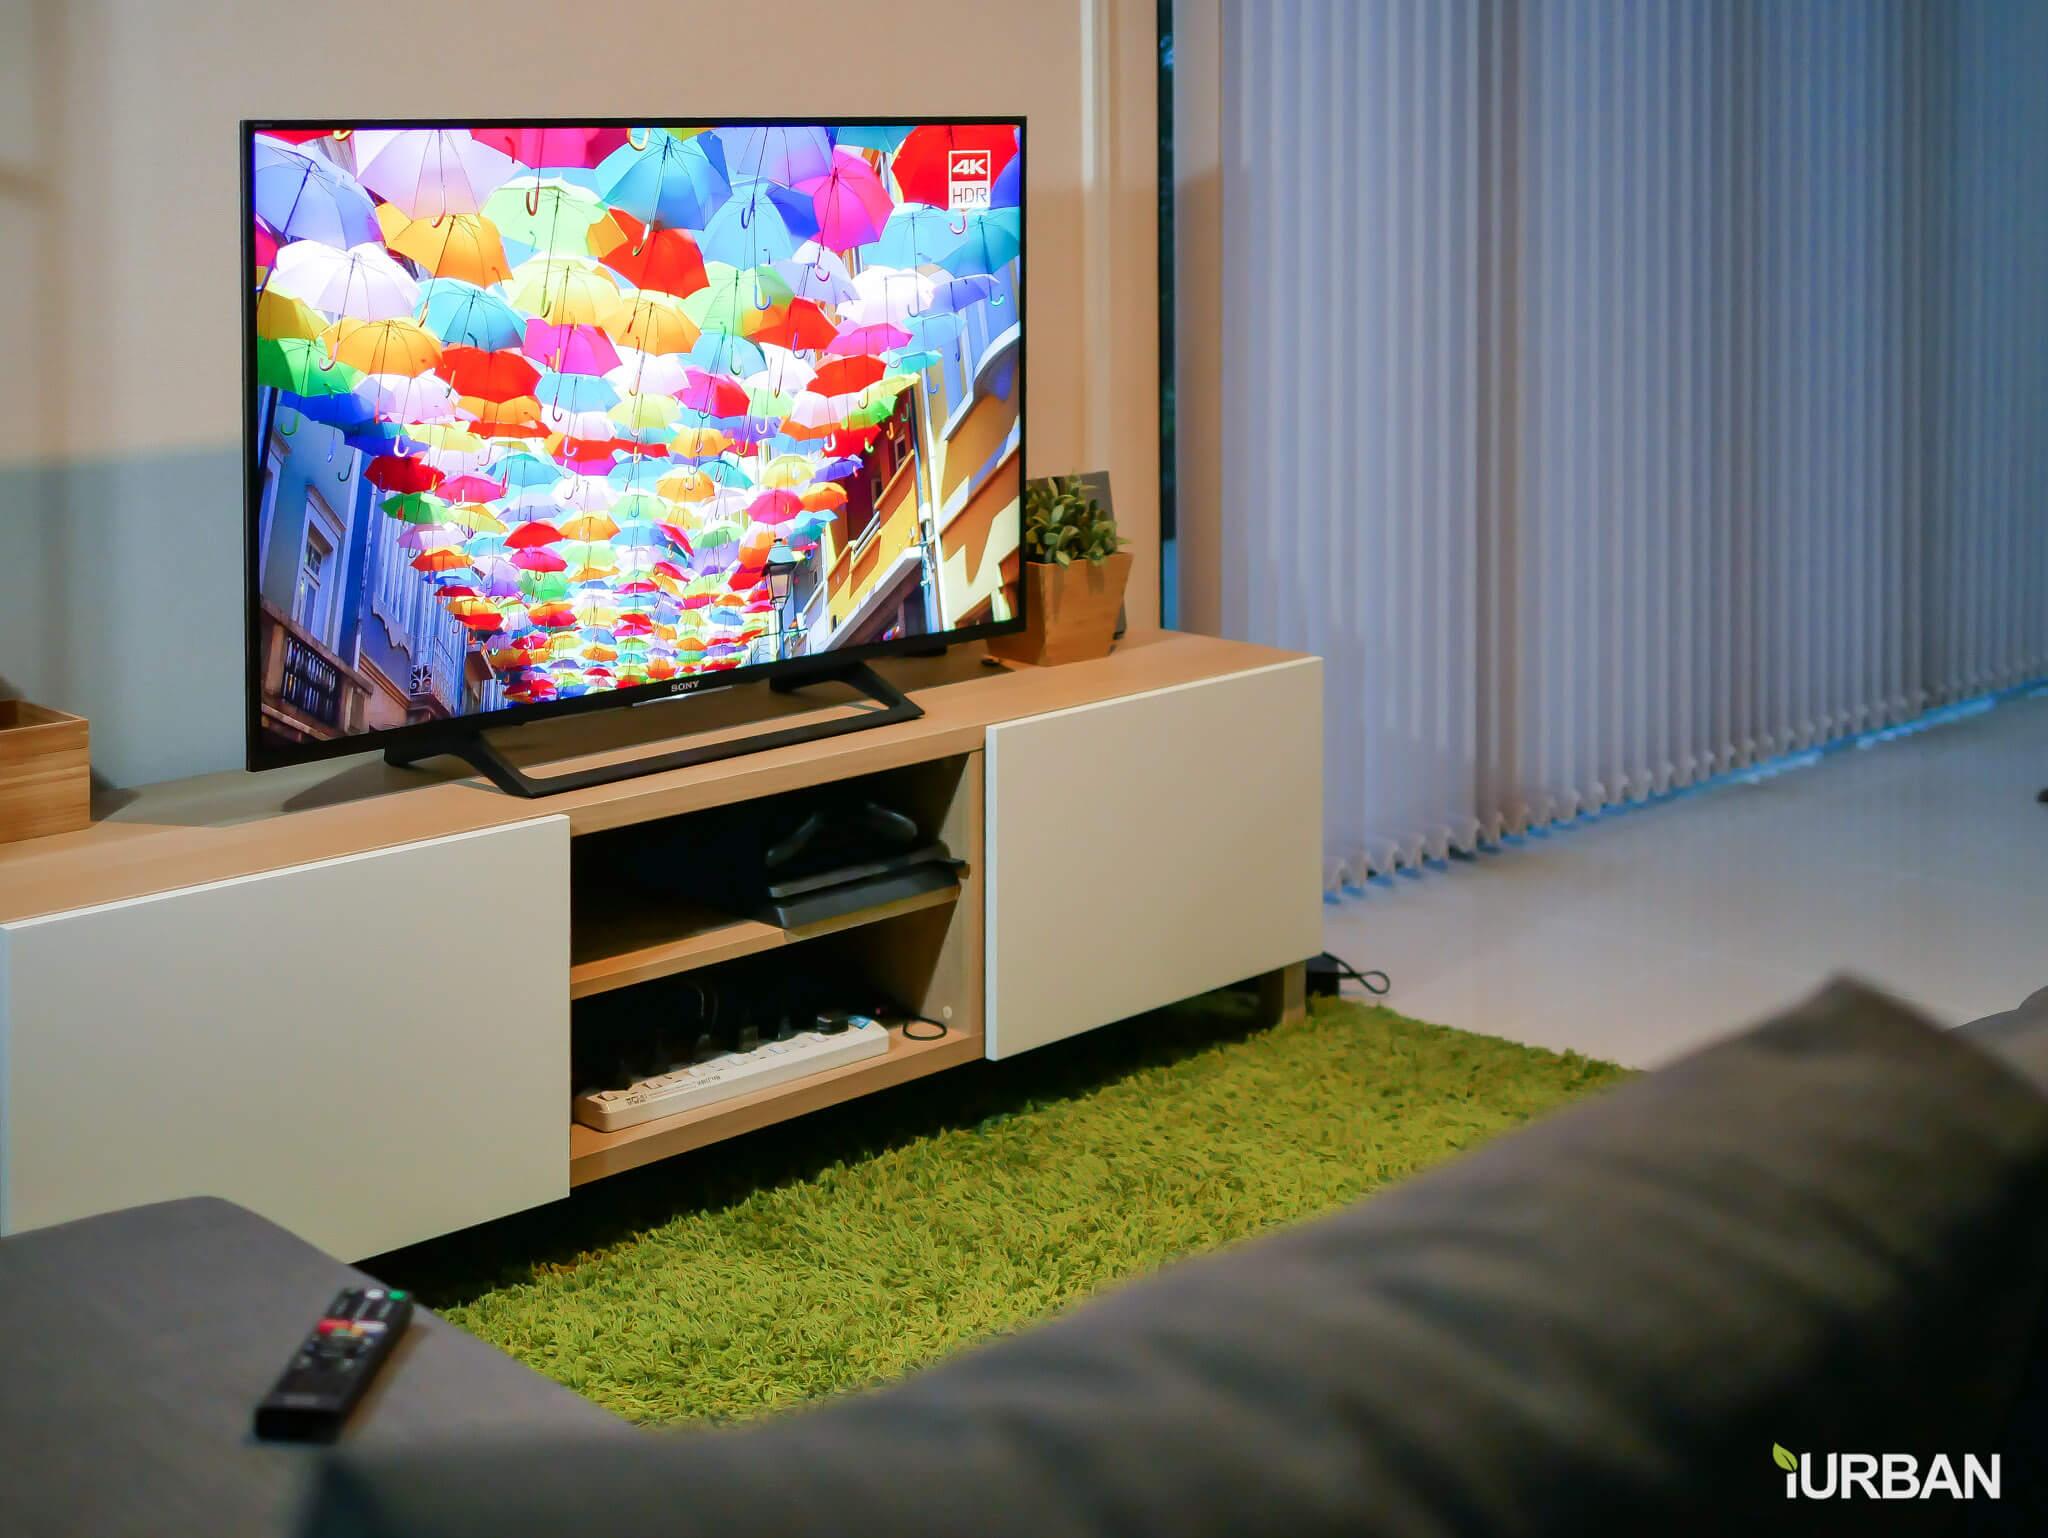 รีวิว SONY Android TV รุ่น X8000E งบ 26,990 แต่สเปค 4K HDR เชื่อมโลก Social กับทีวีอย่างสมบูรณ์แบบ 30 - Android